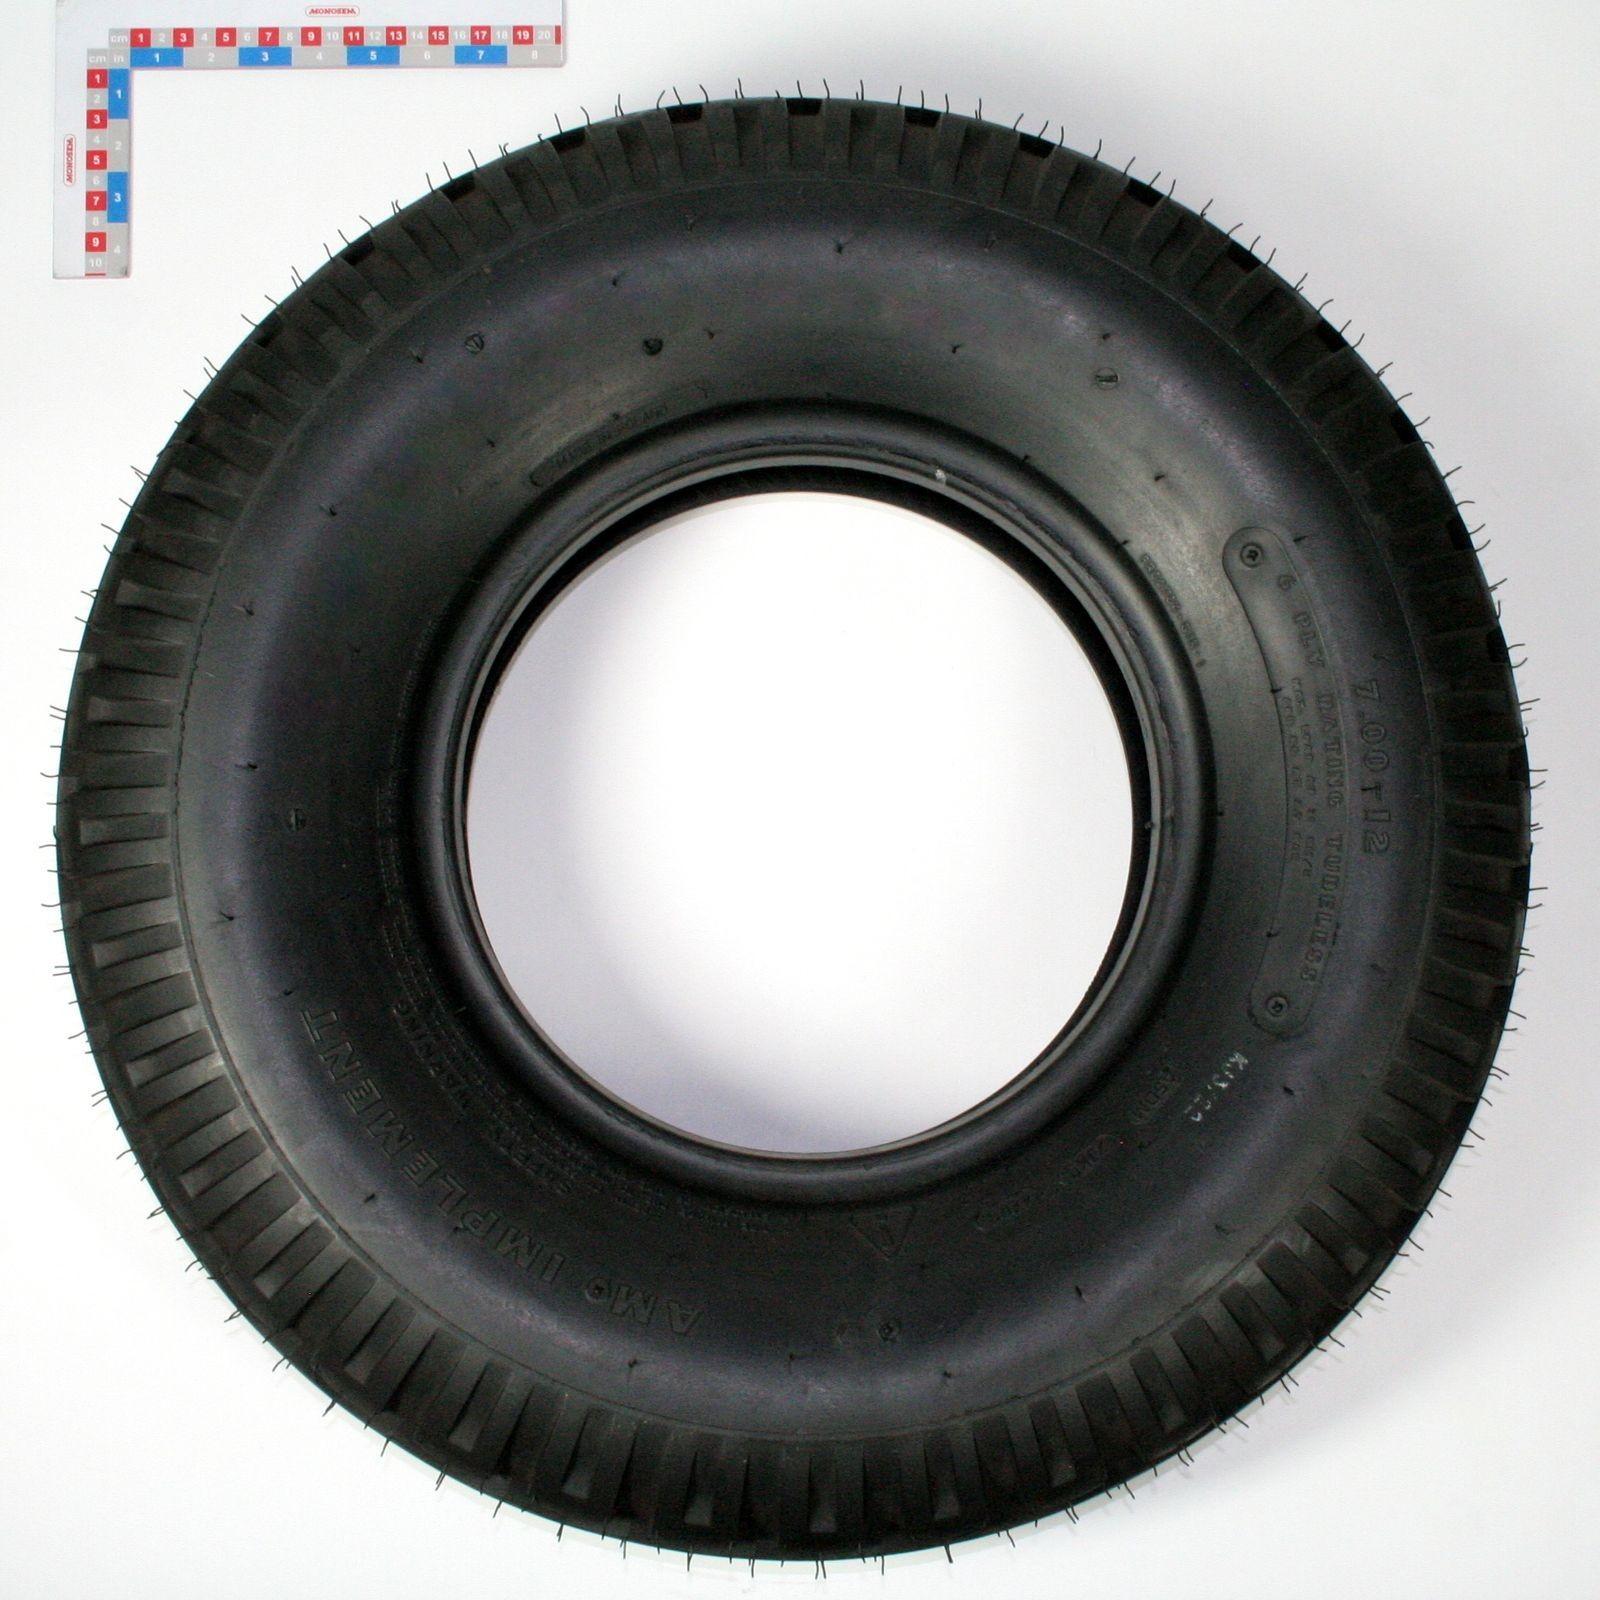 10211031 pneu de roue 700 x 12 am 6pr voir plan 10210009 du. Black Bedroom Furniture Sets. Home Design Ideas